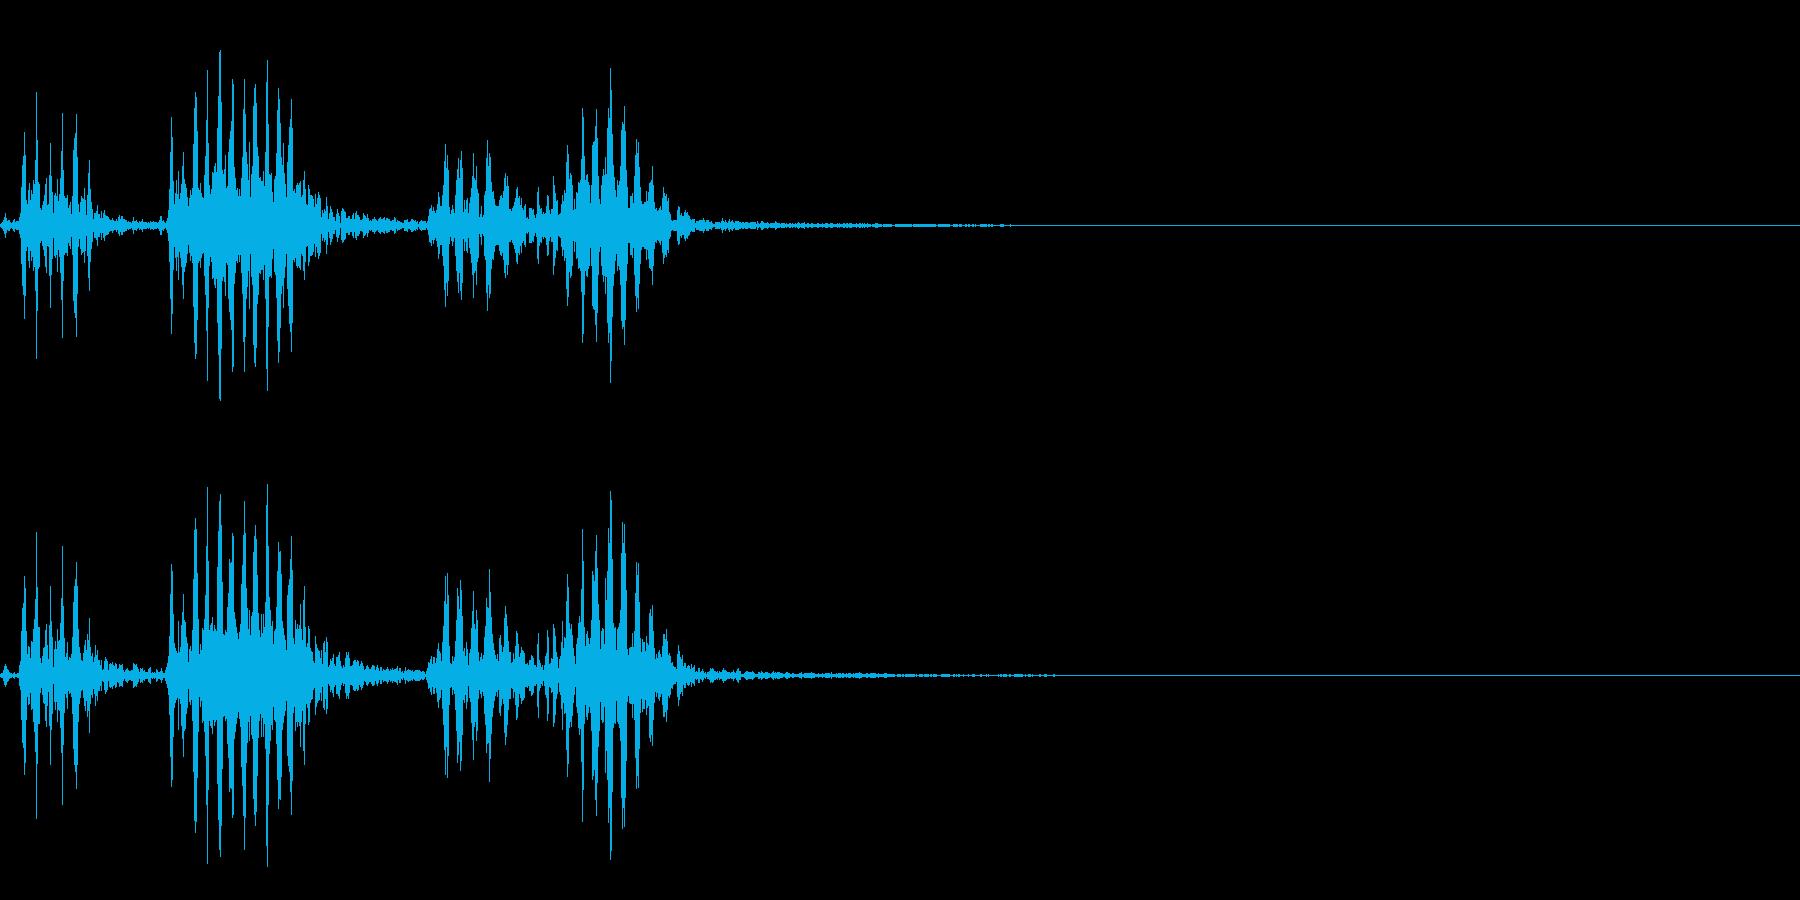 【生録音】フラミンゴの鳴き声 21の再生済みの波形